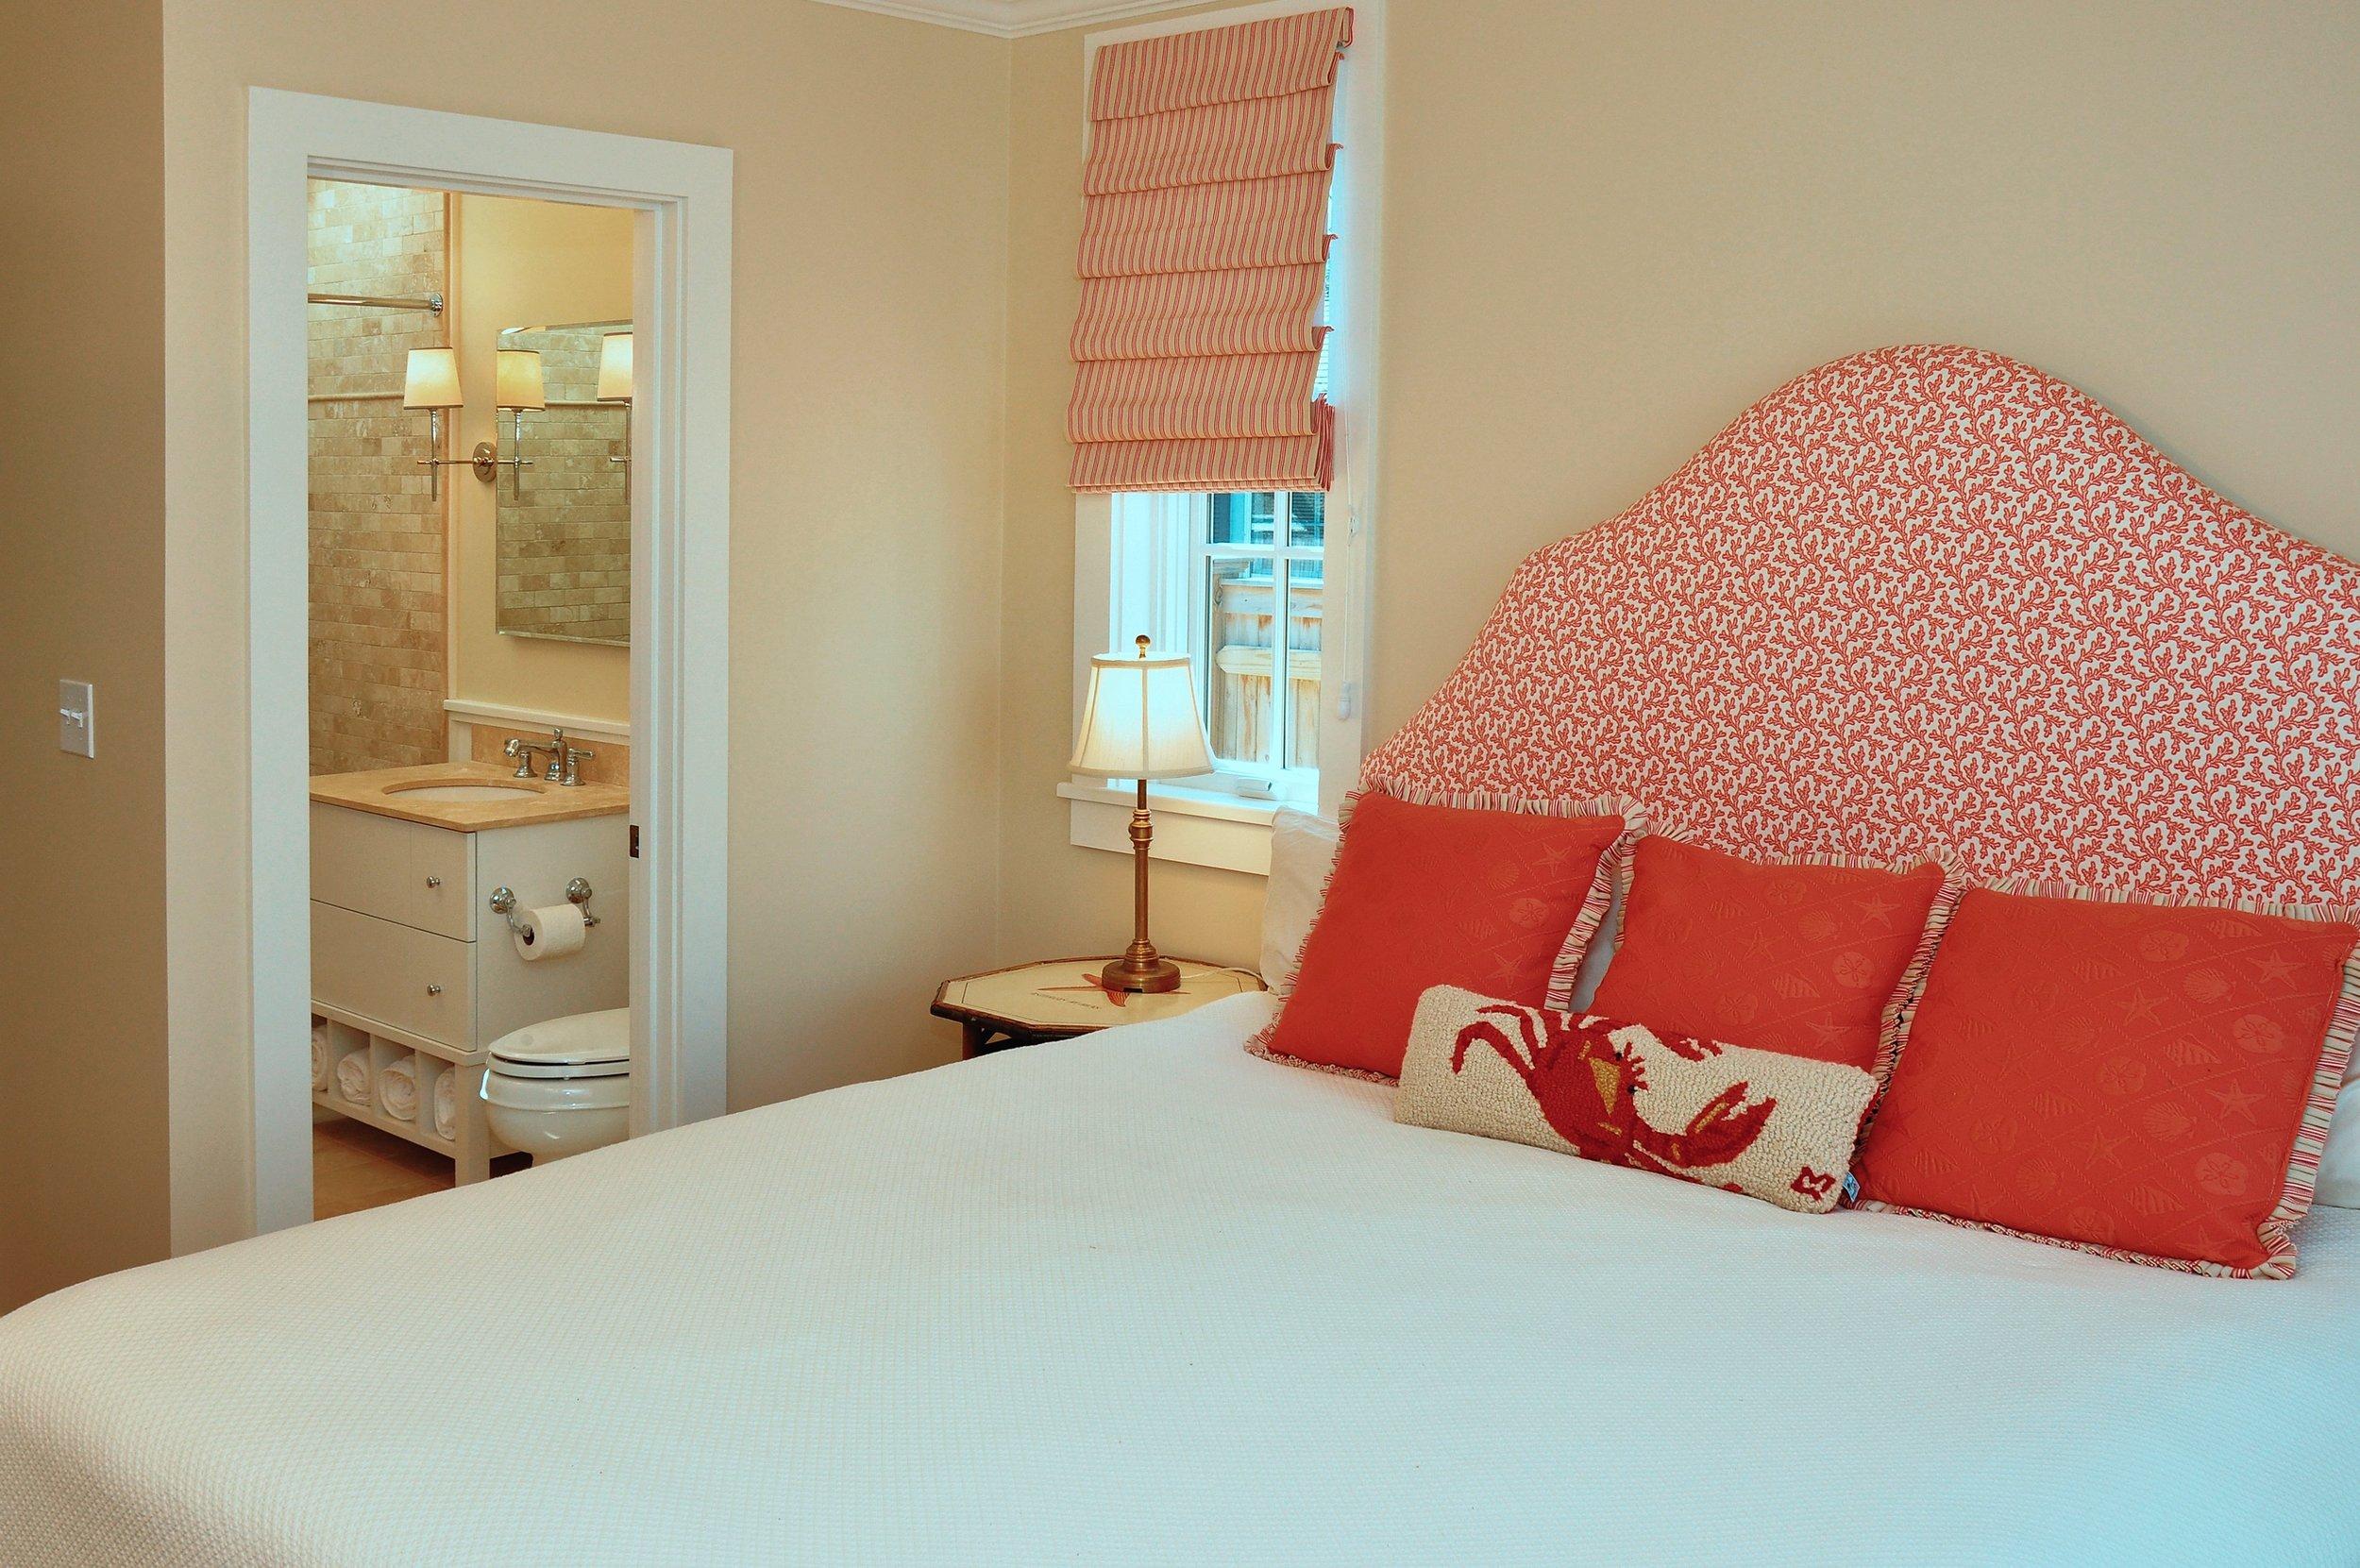 Master_Bedroom_Guesthouse_Bathroom_Detail.jpg